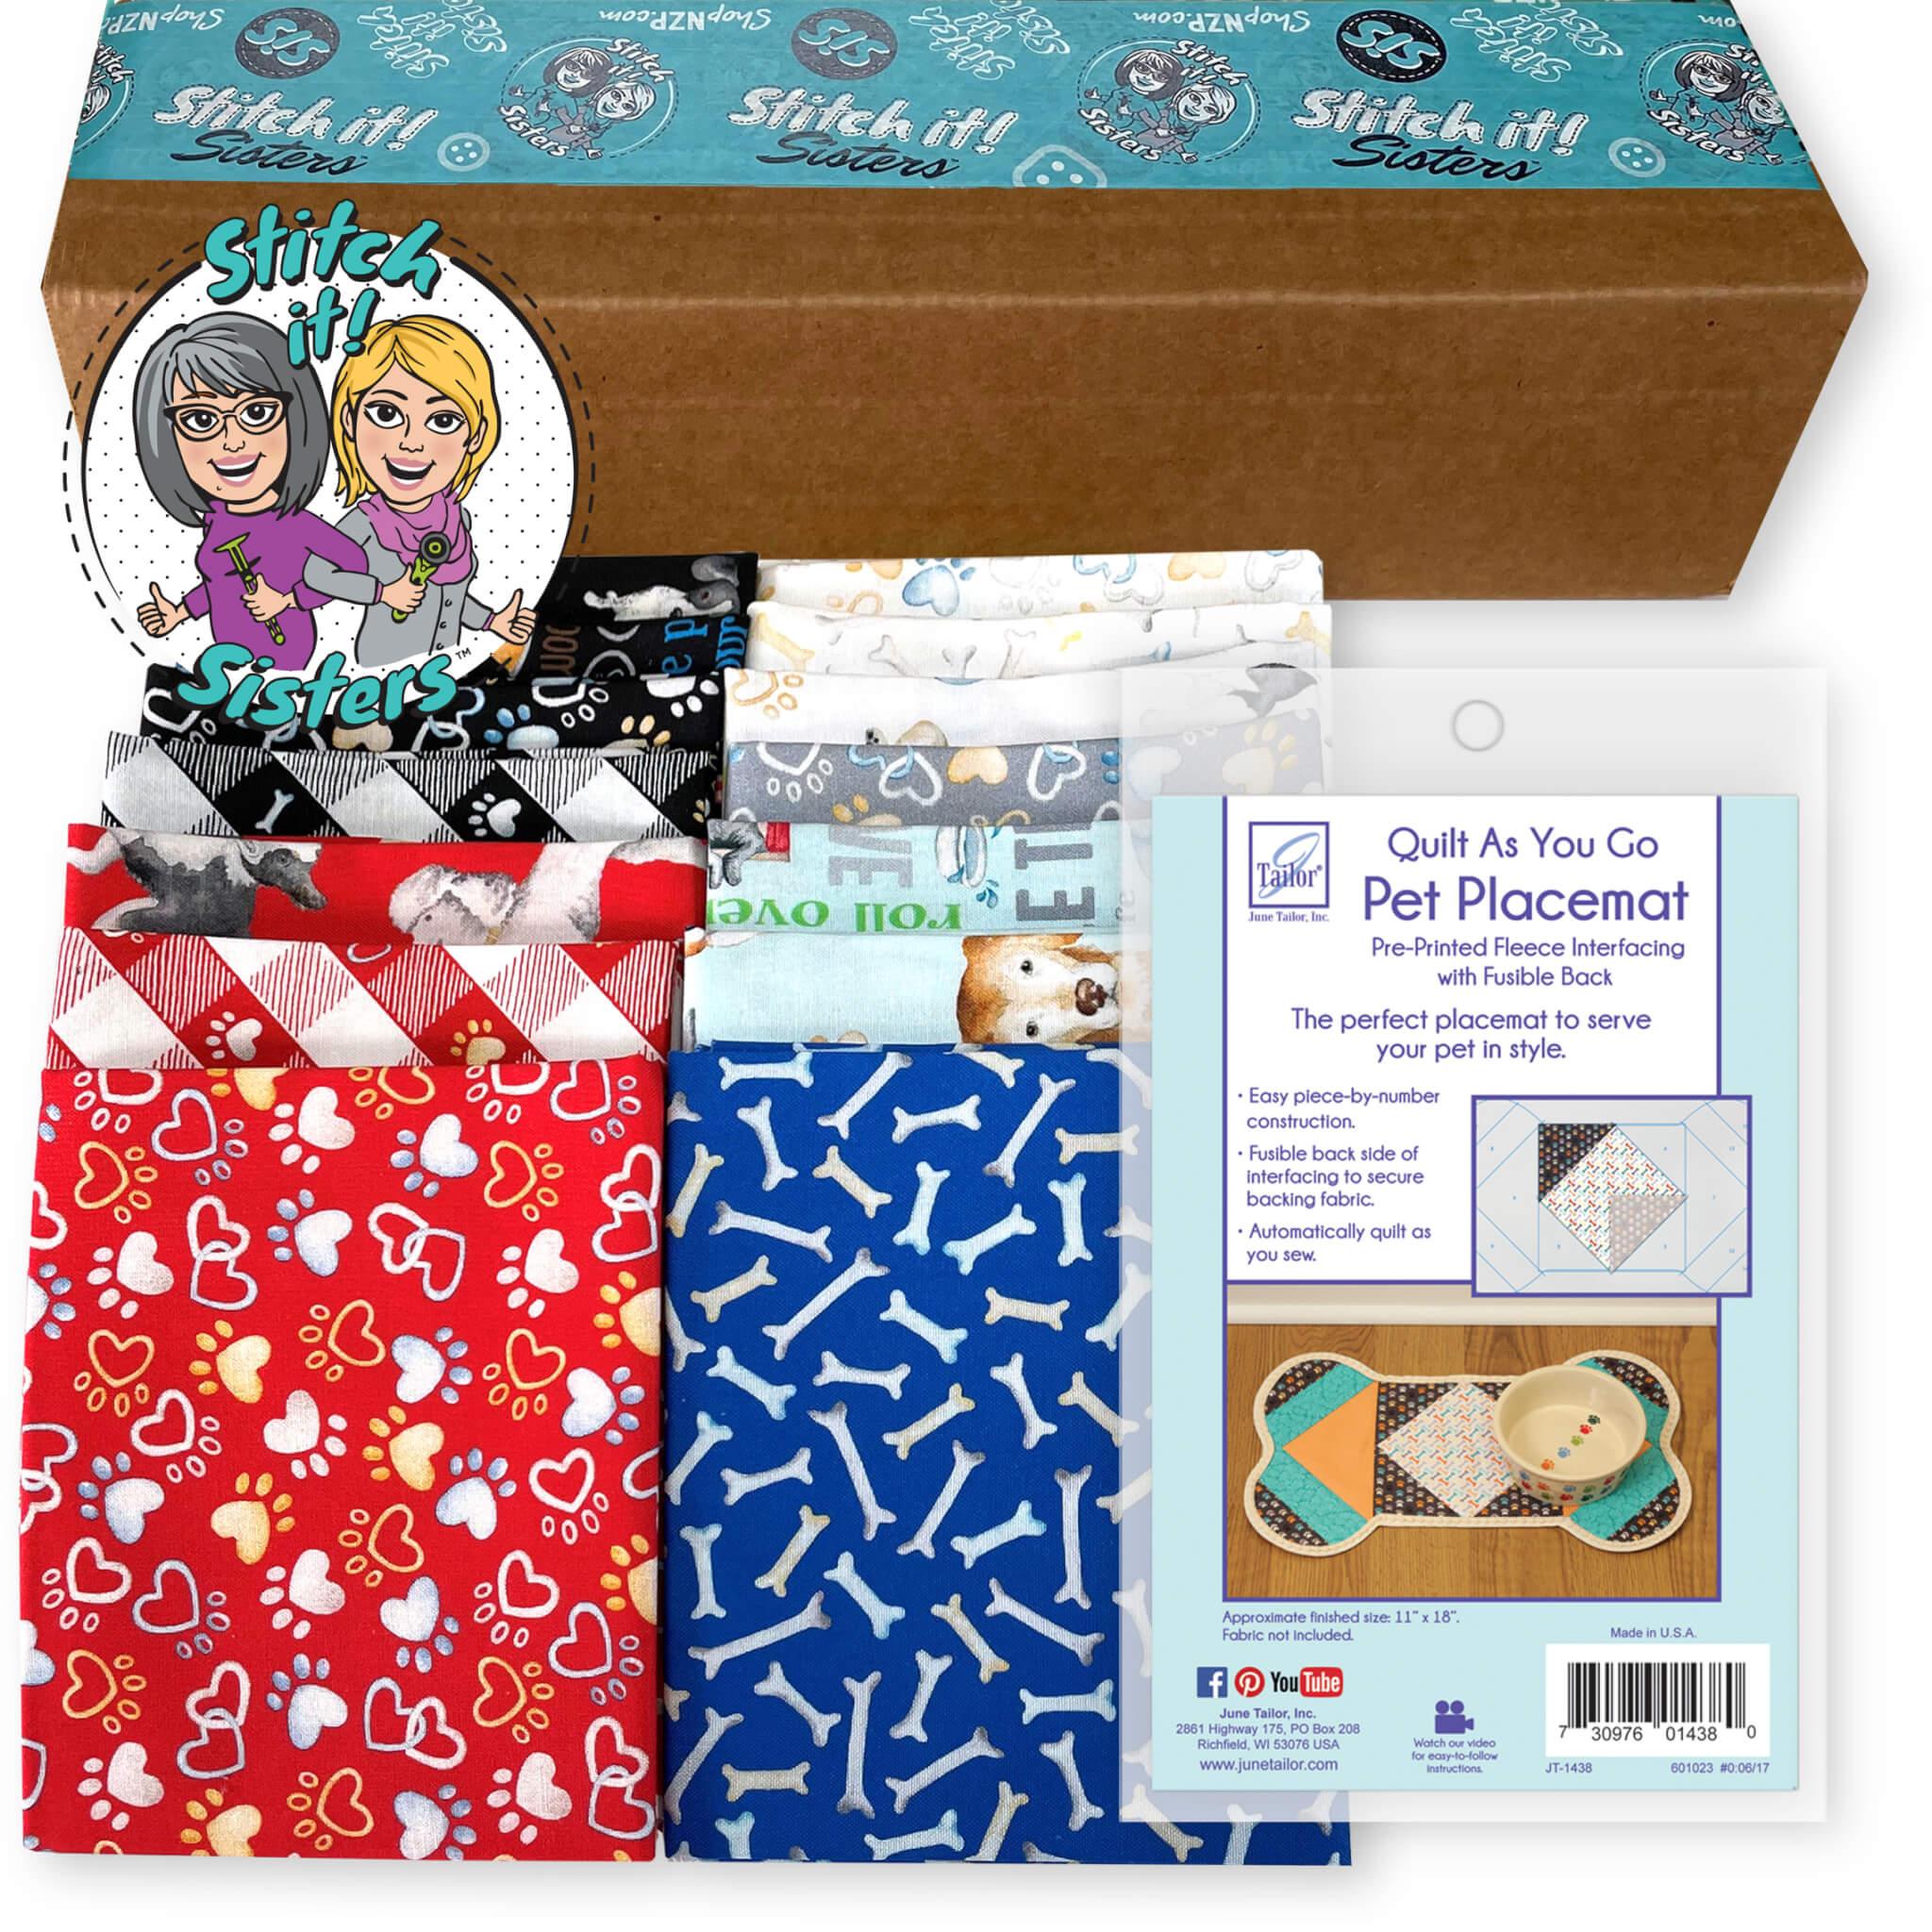 Quilt As You Go Dog Pet Placemat Bundle Box available at Nancy Zieman Productions at ShopNZP.com